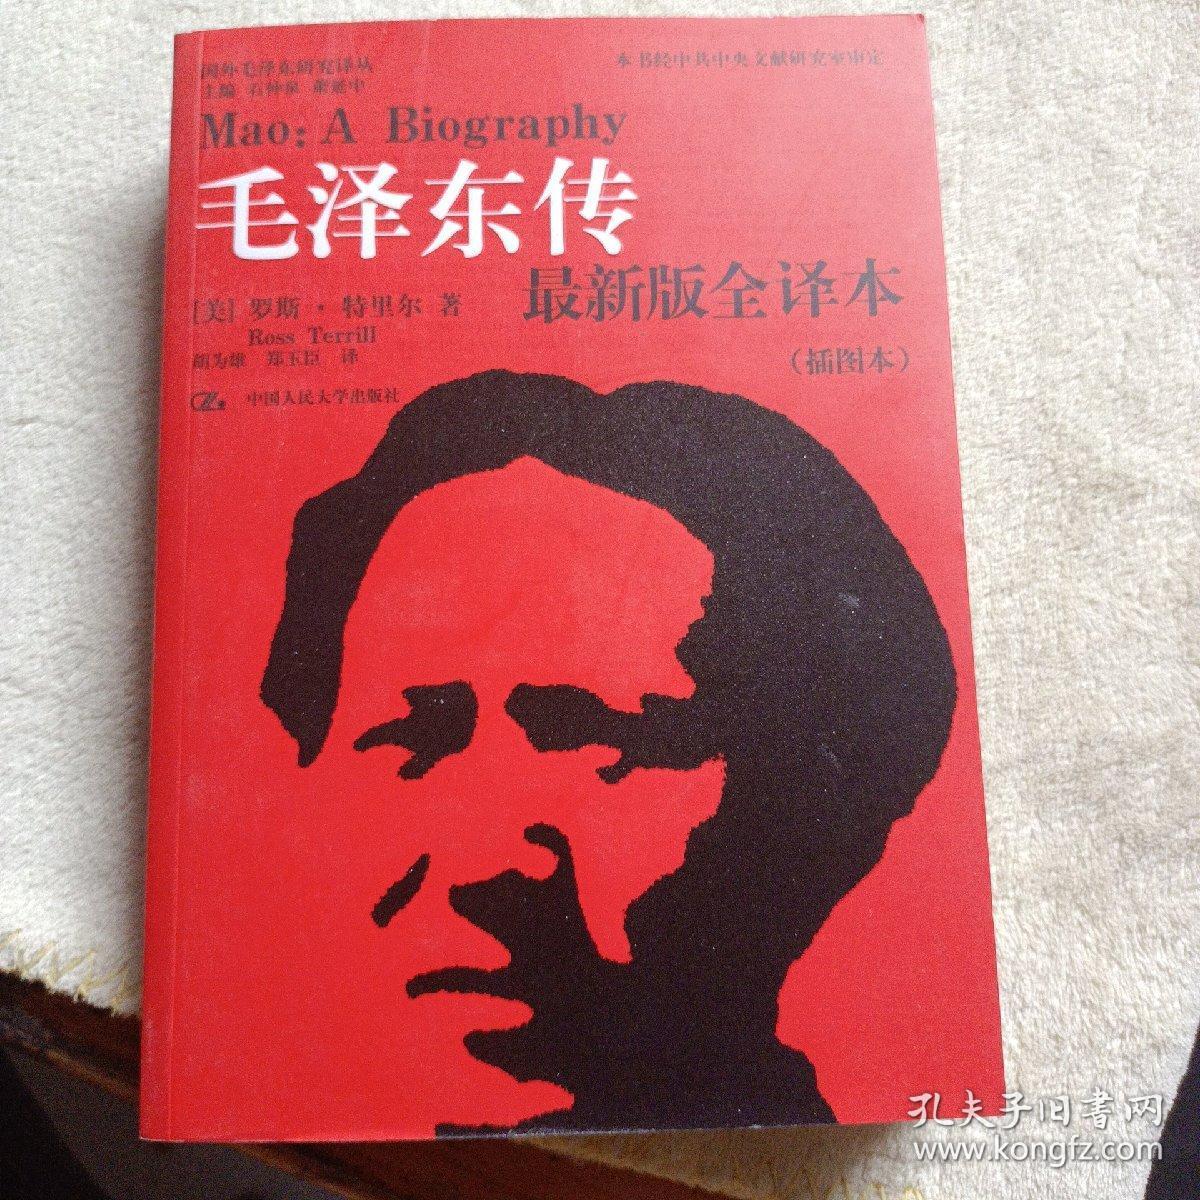 毛泽东传(最新版全译本·插图本)